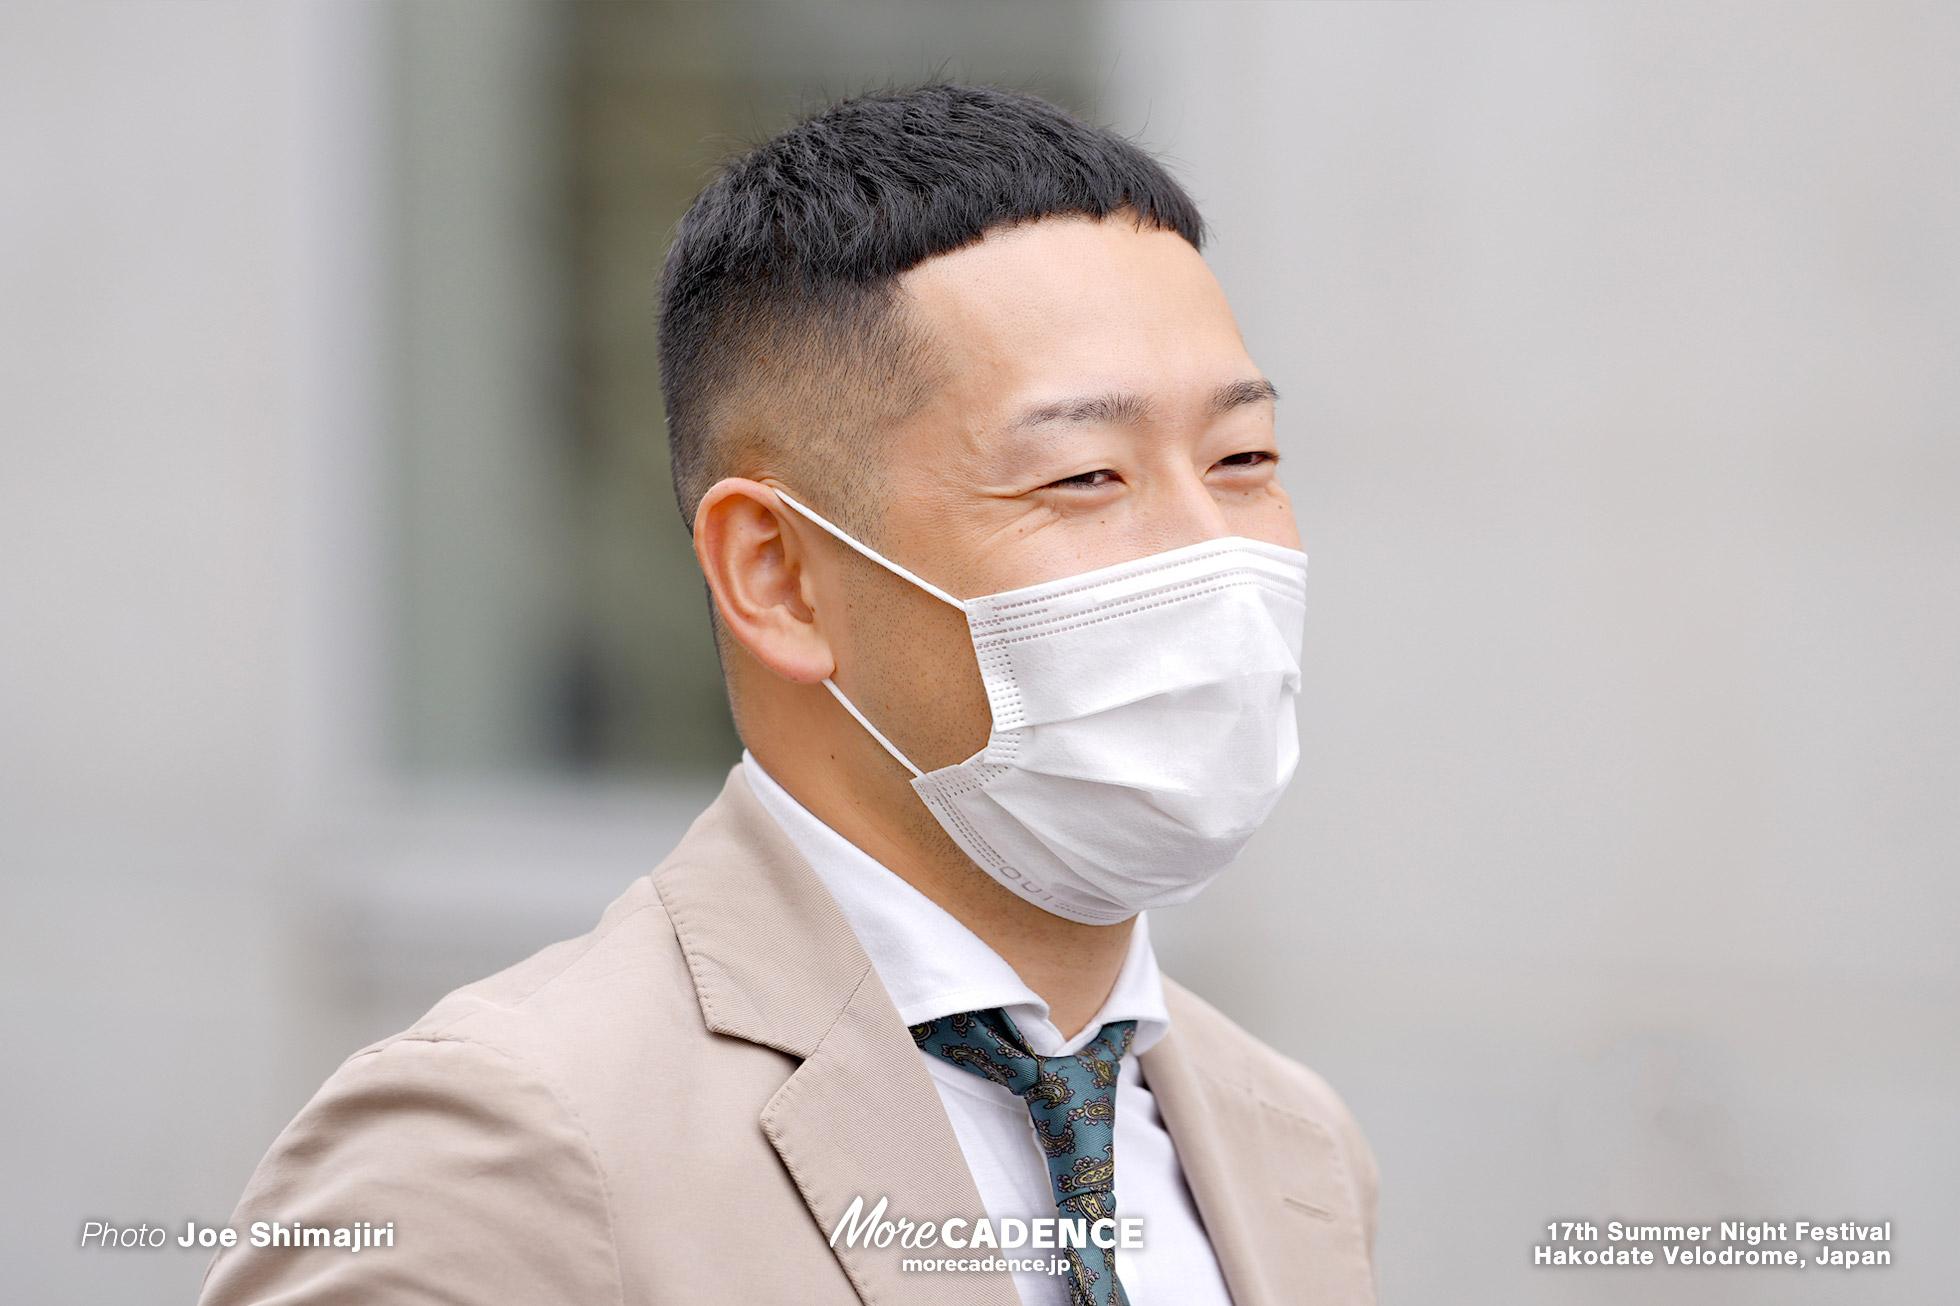 松井宏佑 函館競輪場, サマーナイトフェスティバル